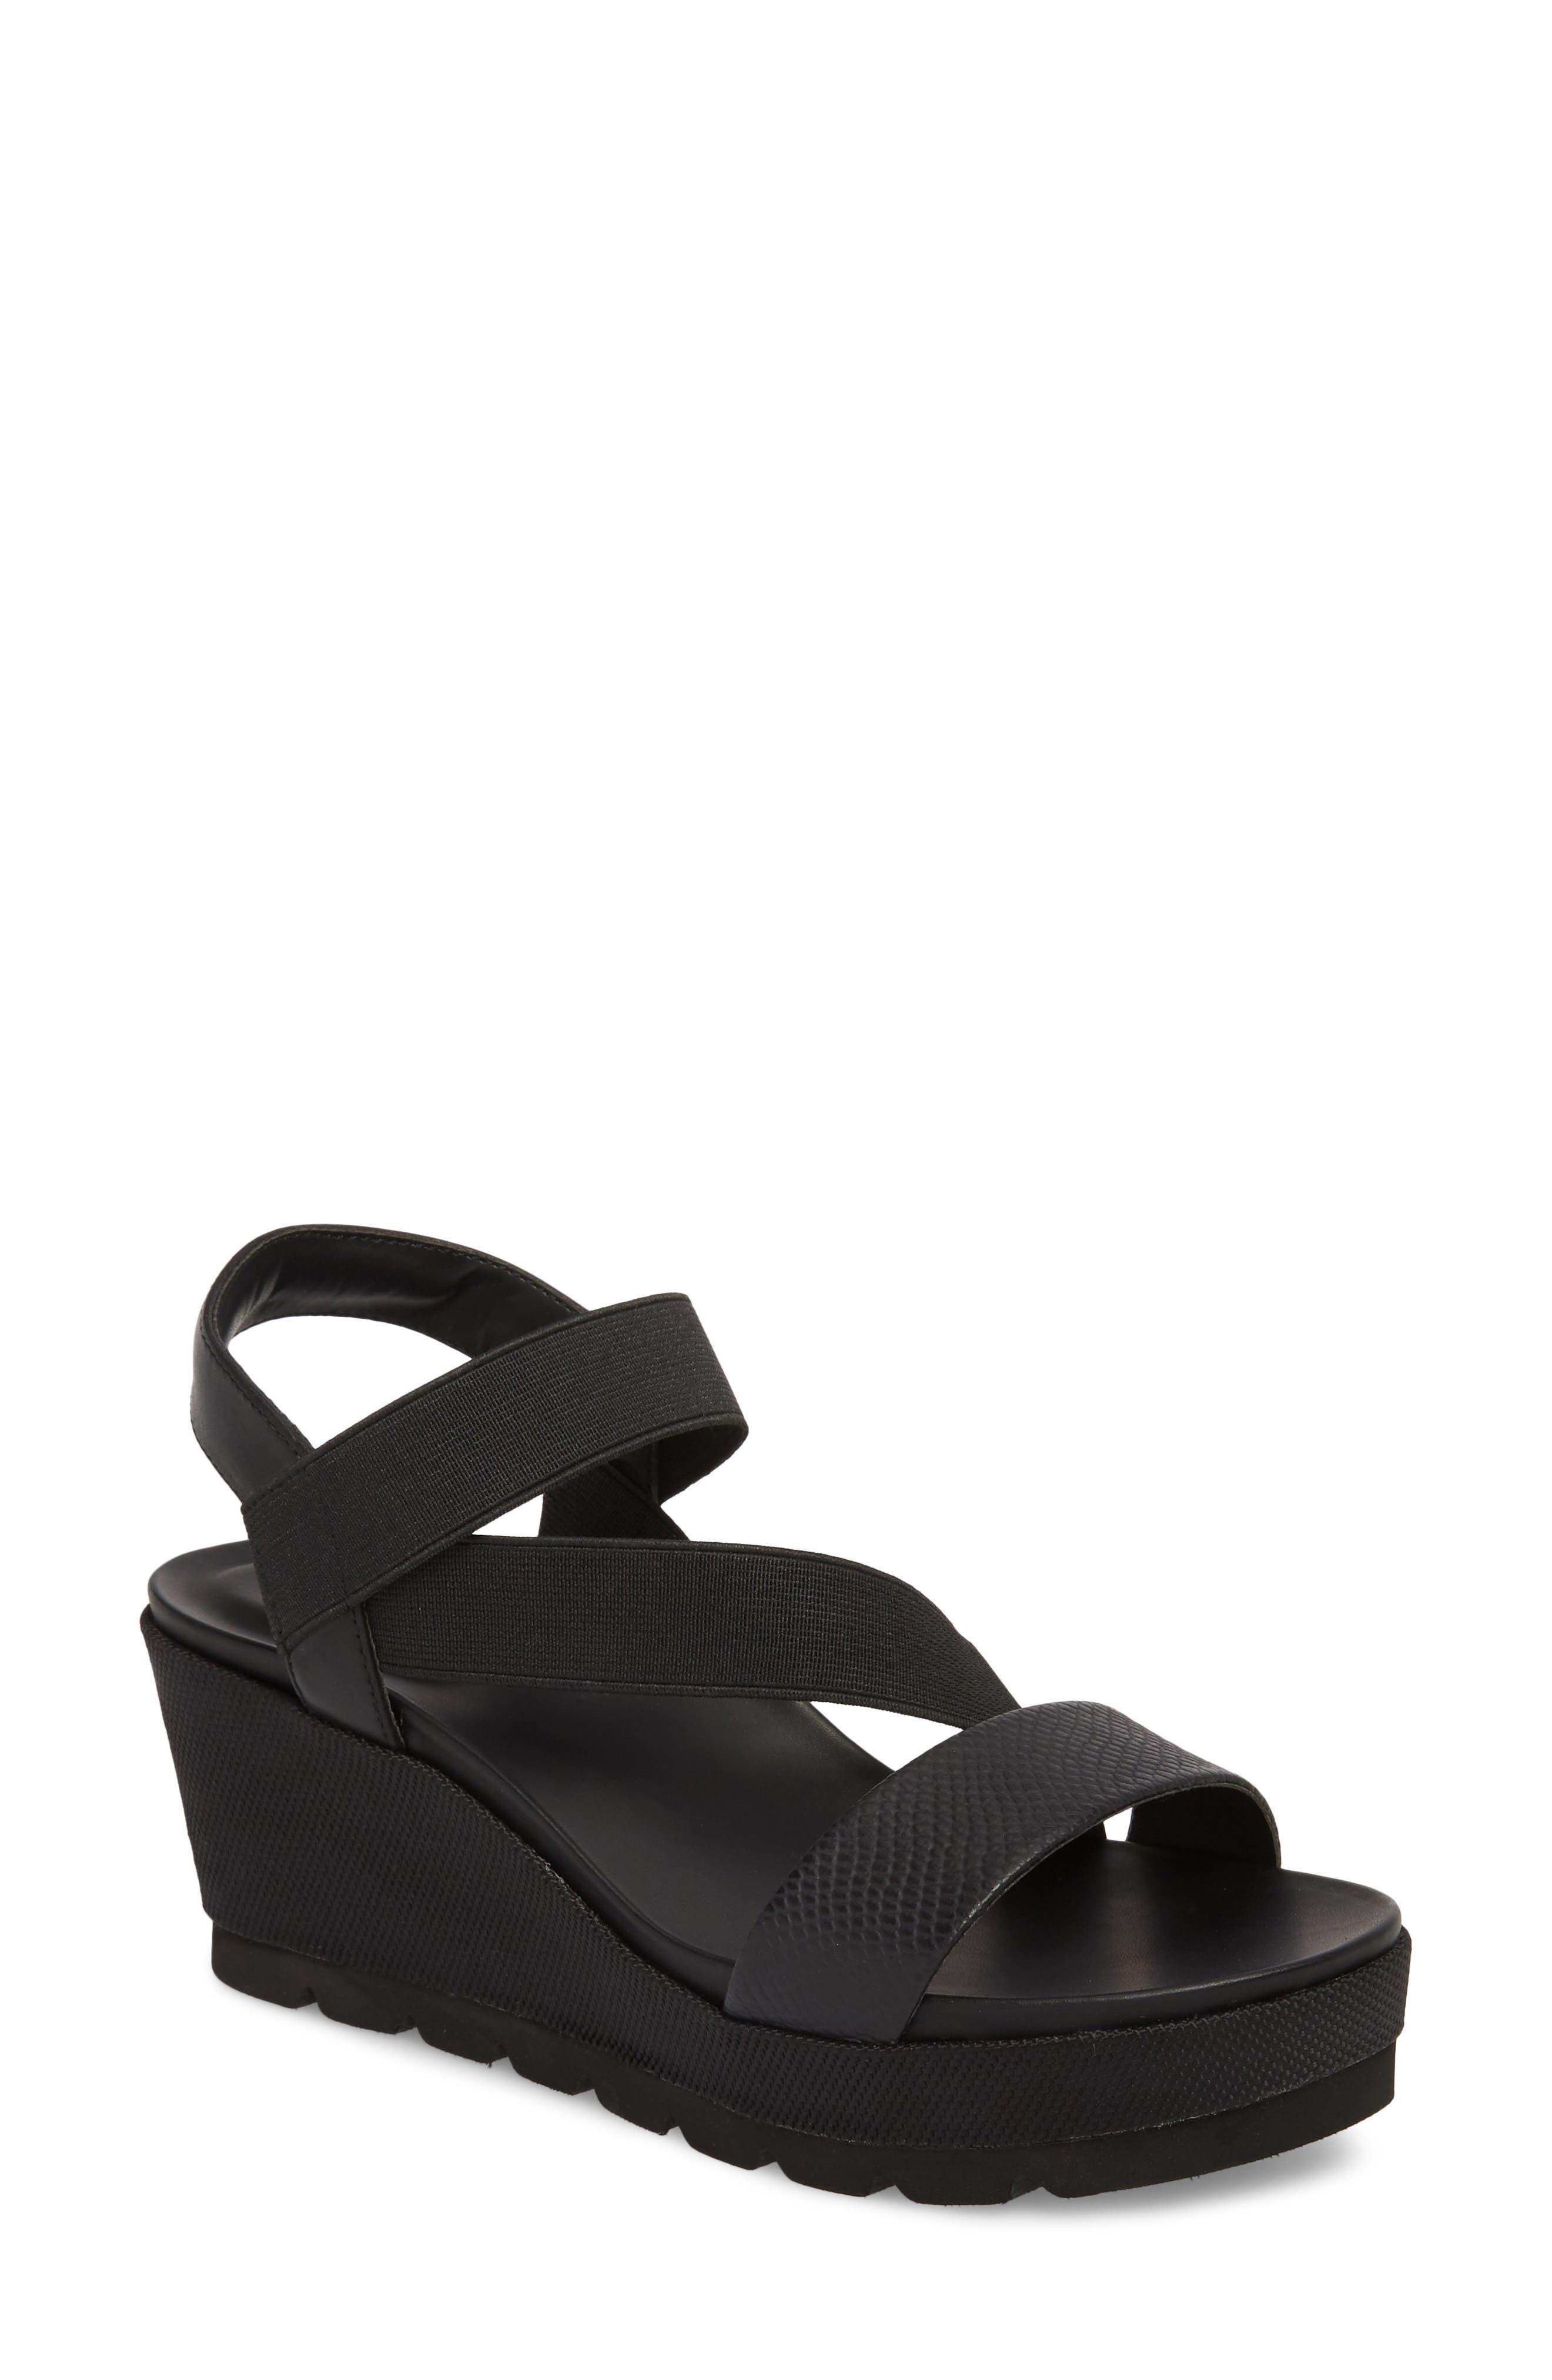 TT-Gabel Sandal,                         Main,                         color, Black Leather